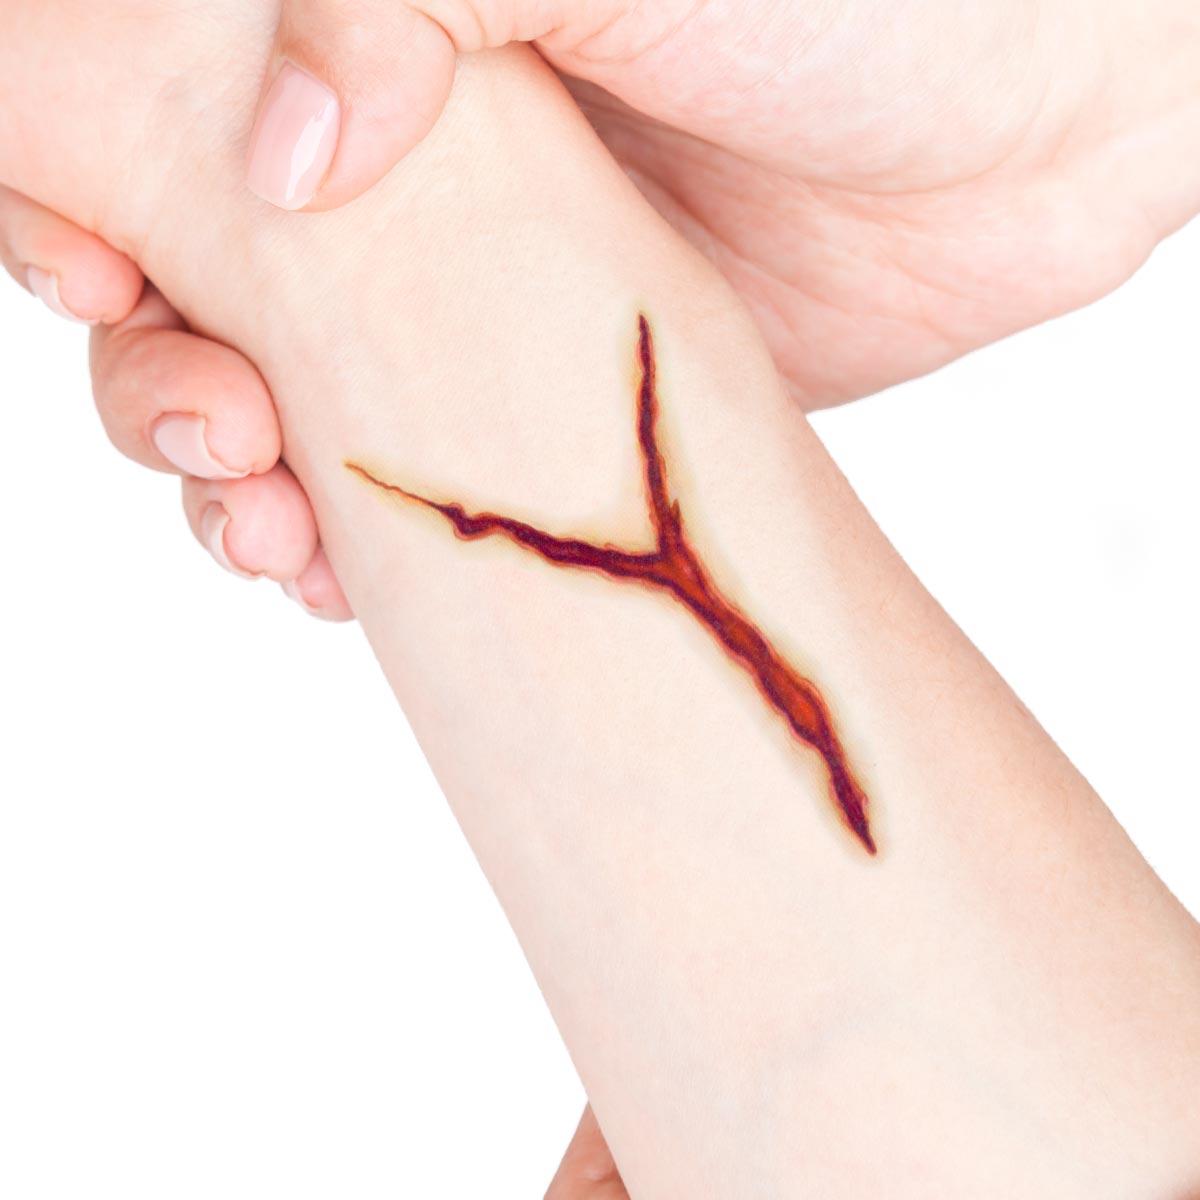 Tatuering sår, flik med skärsår